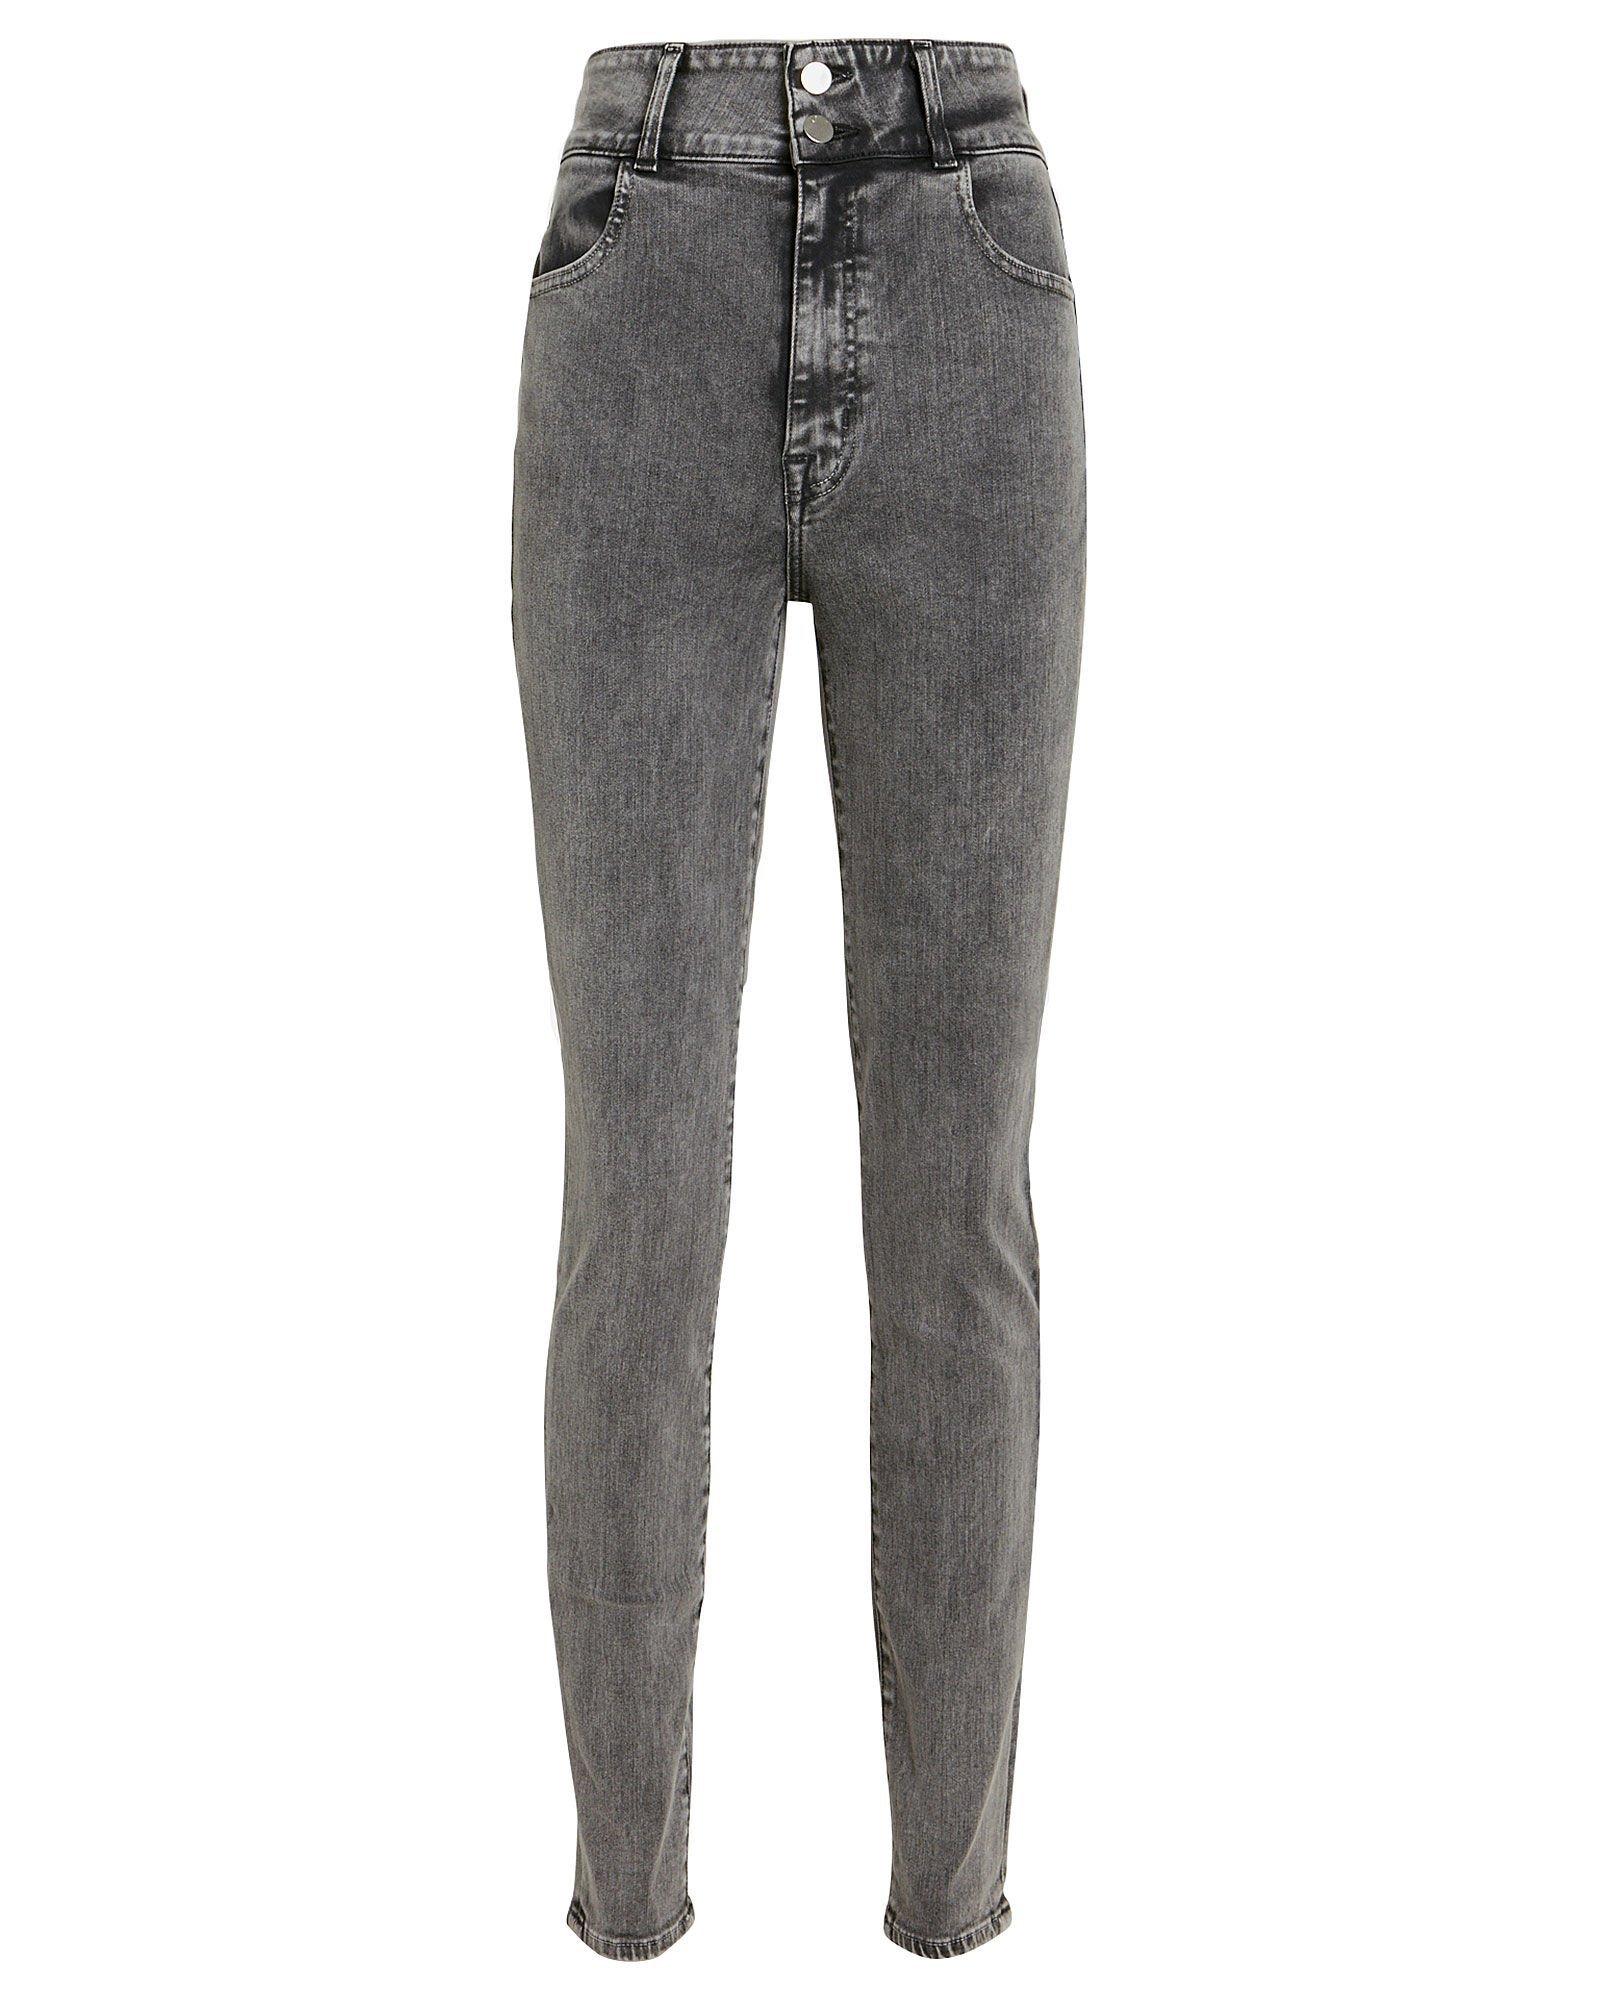 Elsa Saturday Skinny Jeans